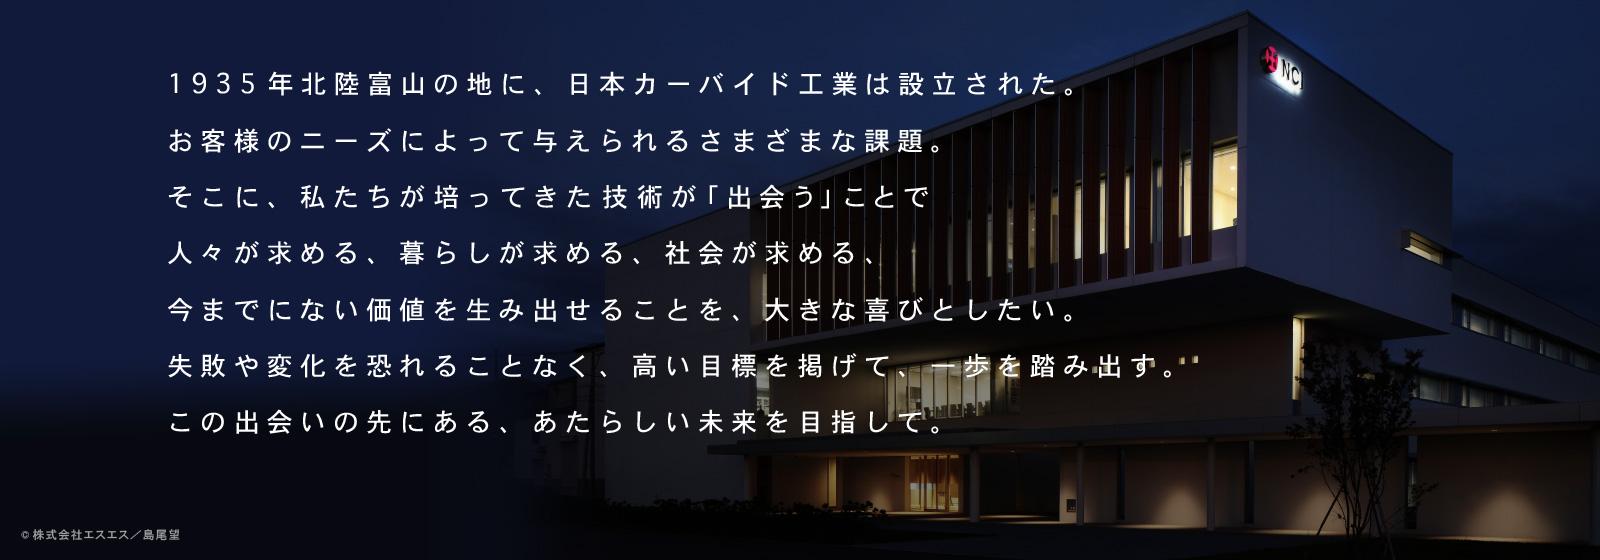 1935年北陸富山の地に、日本カーバイド工業は設立された。お客様のニーズによって与えられるさまざまな課題。そこに、私たちが培ってきた技術が「出会う」ことで人々が求める、暮らしが求める、社会が求める、今までにない価値を生み出せることを、大きな喜びとしたい。失敗や変化を恐れることなく、高い目標を掲げて、一歩を踏み出す。この出会いの先にある、あたらしい未来を目指して。